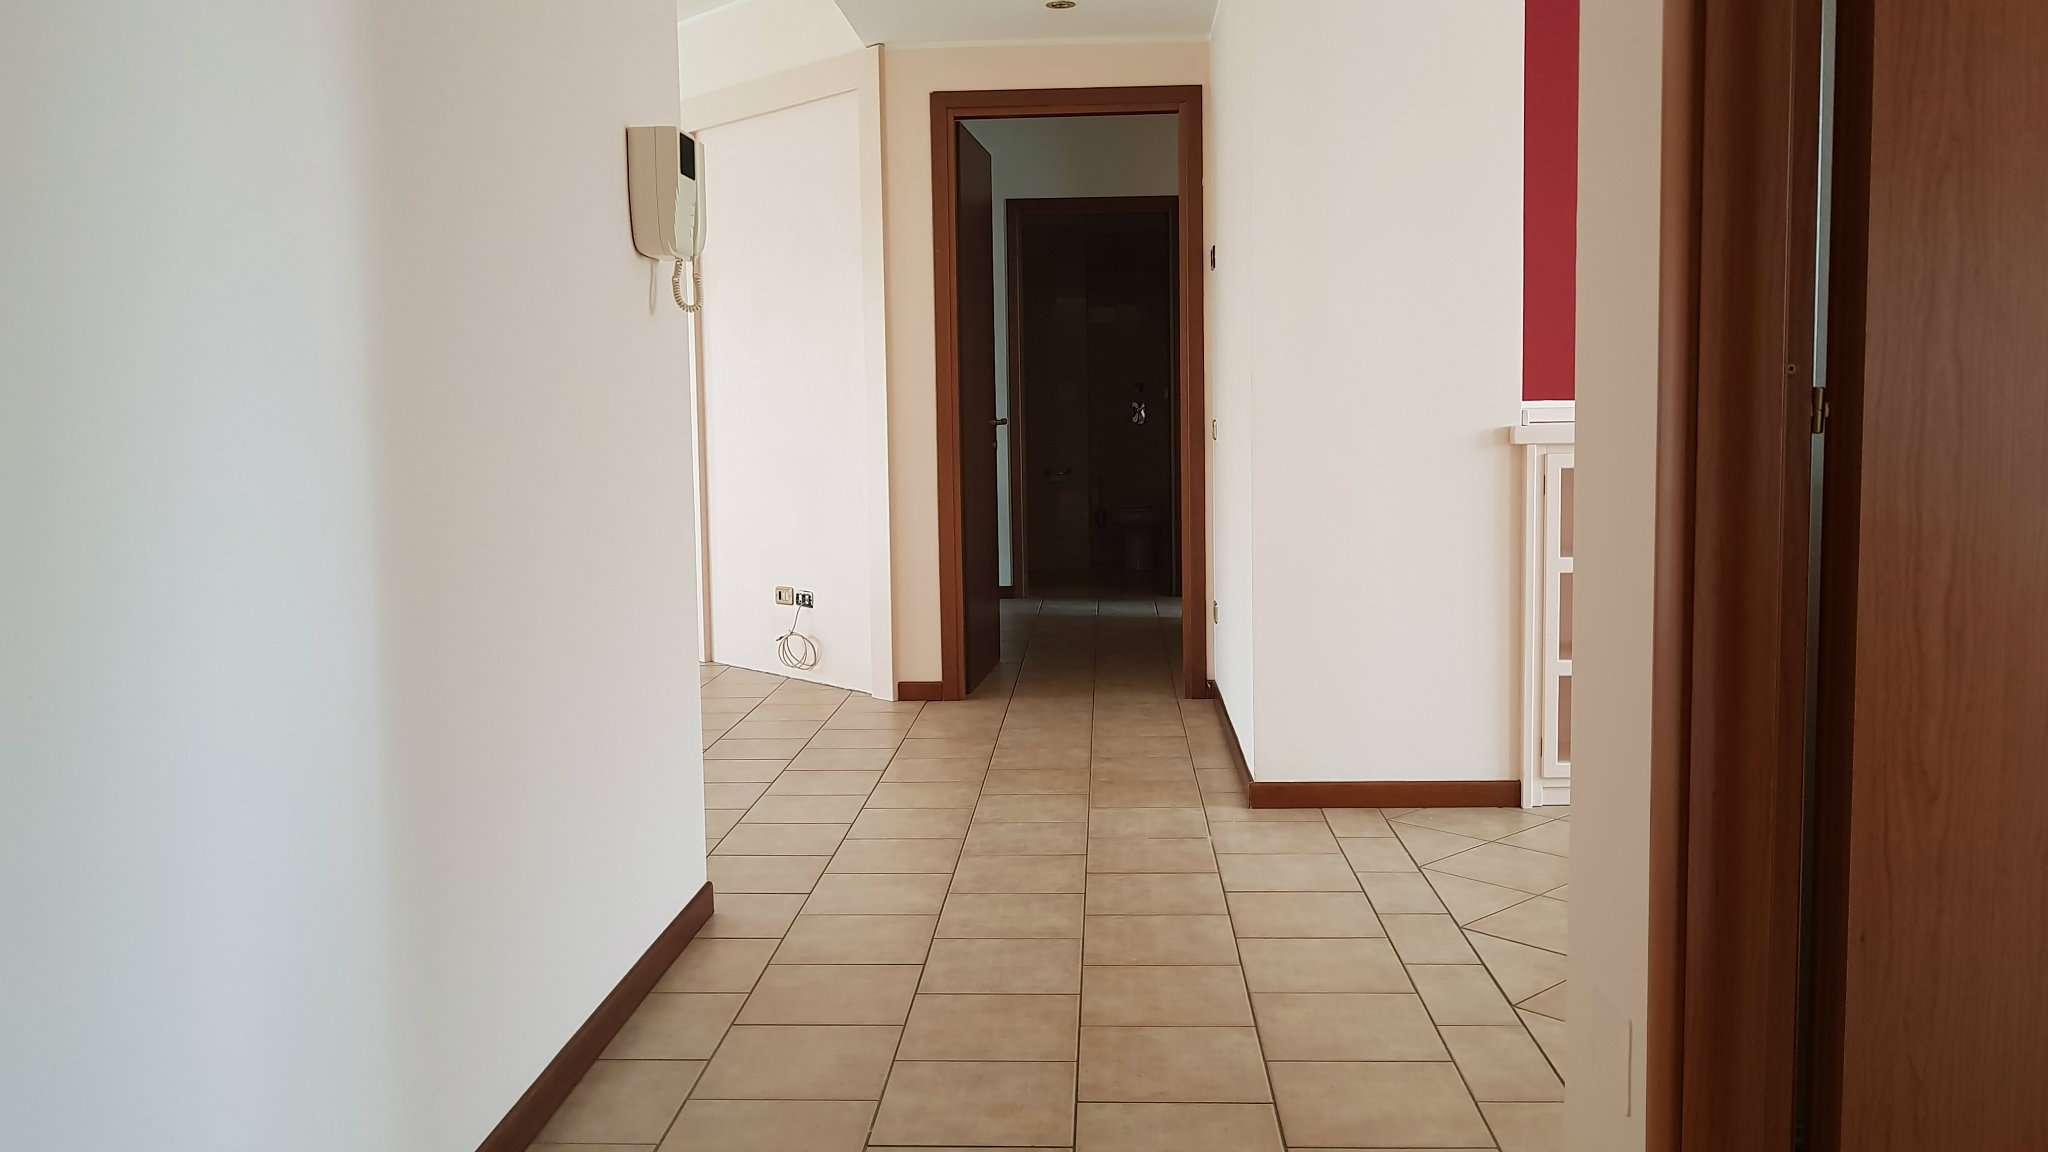 Trilocale in affitto a Vanzago